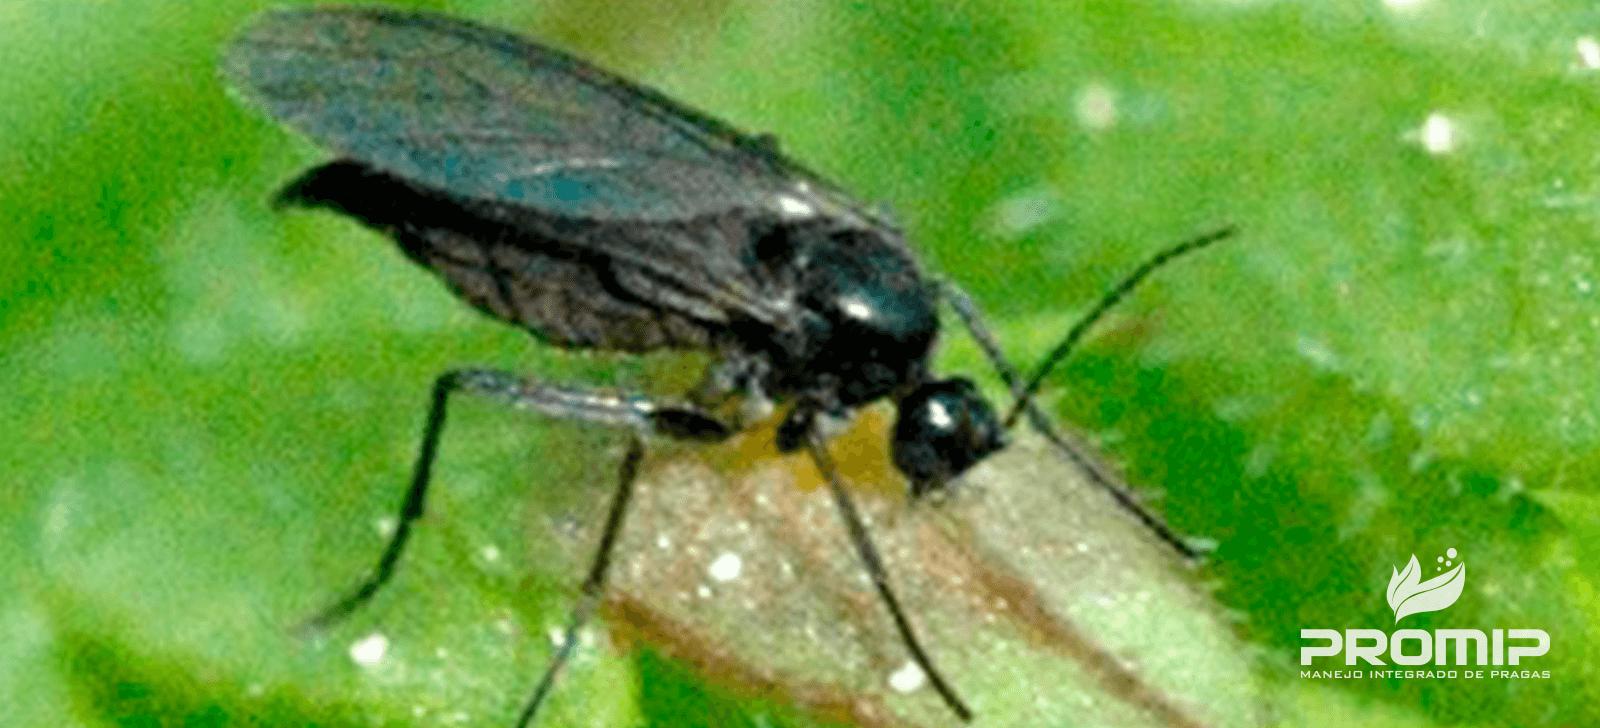 promip manejo integrado de pragas controle biologico adulto fungus gnats mosca sciariade